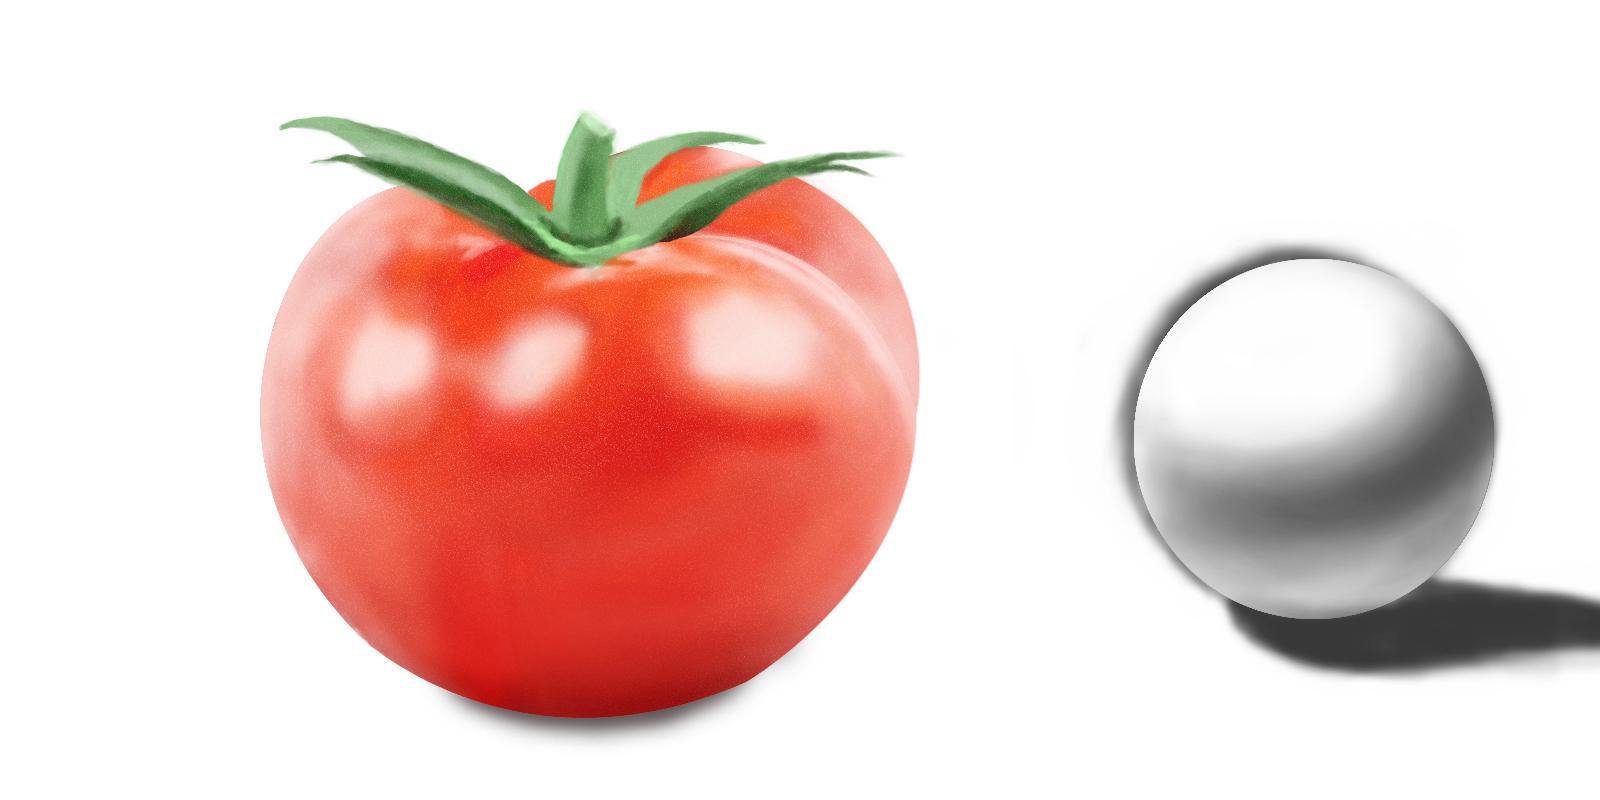 蔬菜手工制作大全蕃茄